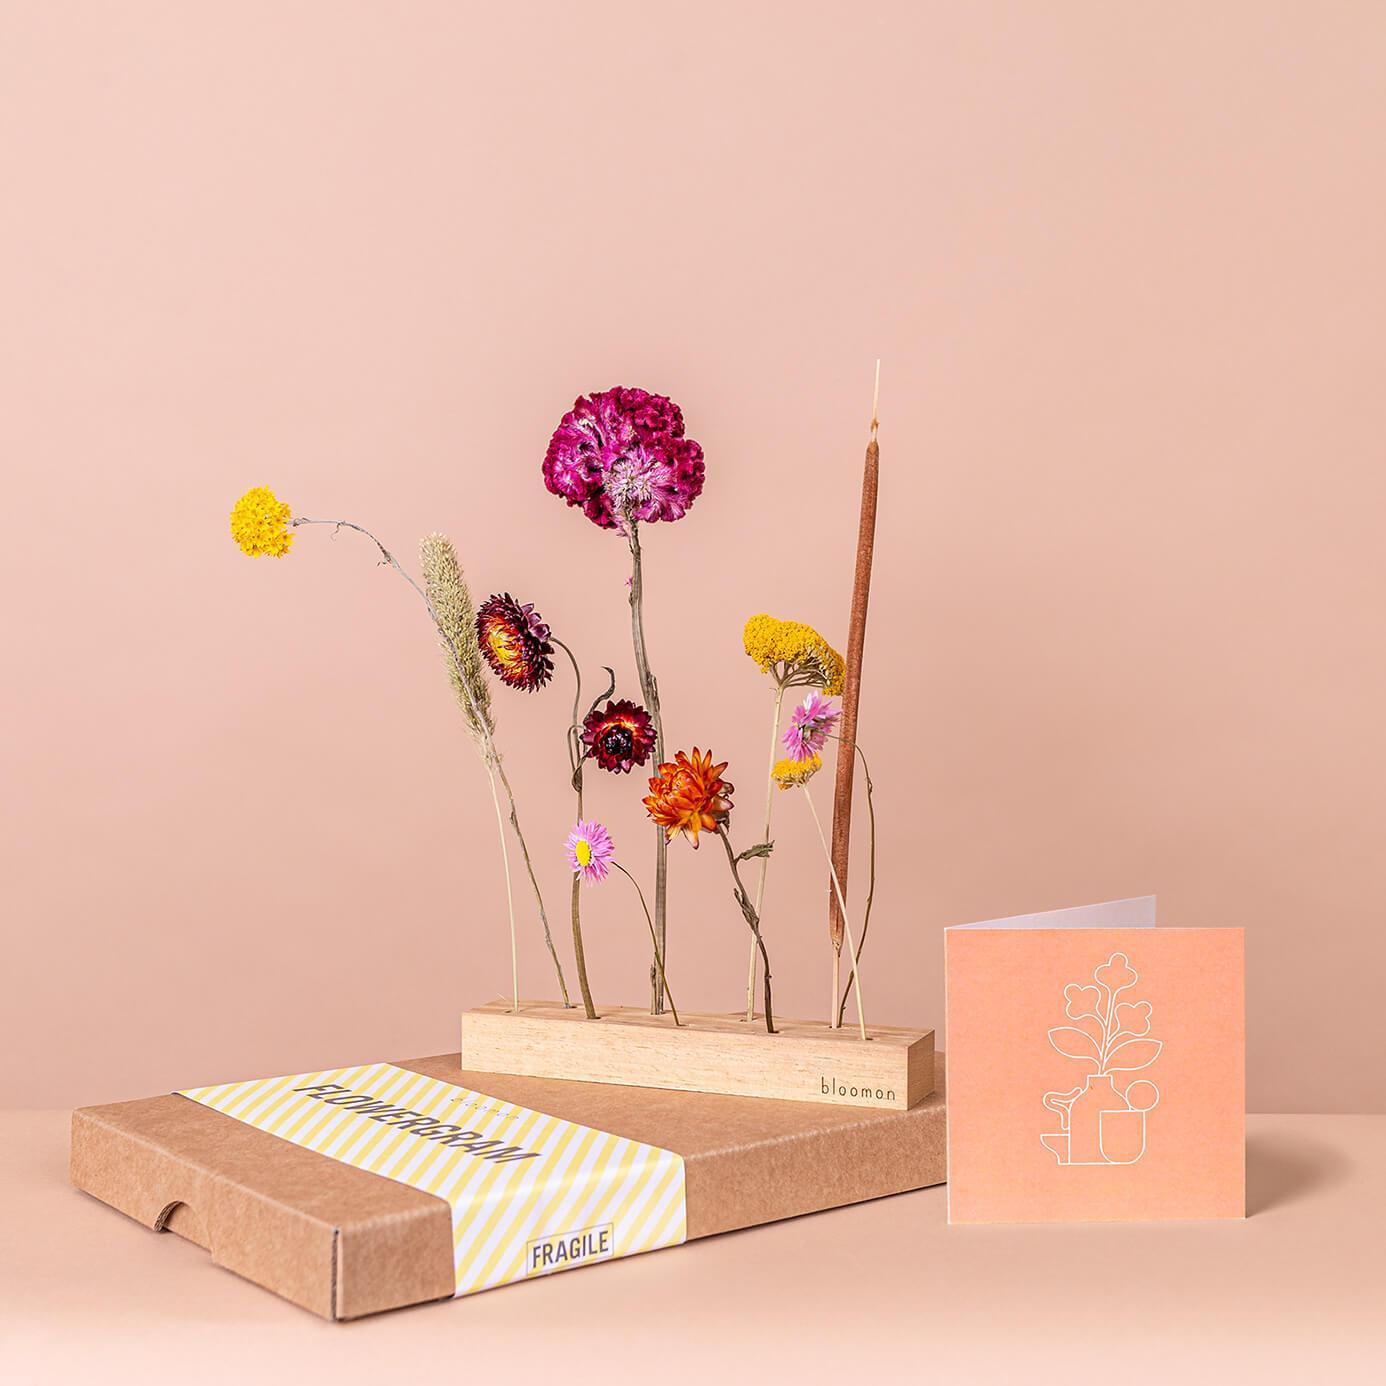 Bekijk Het Bloomon Cadeauaanbod Cadeaubos En Giftcard